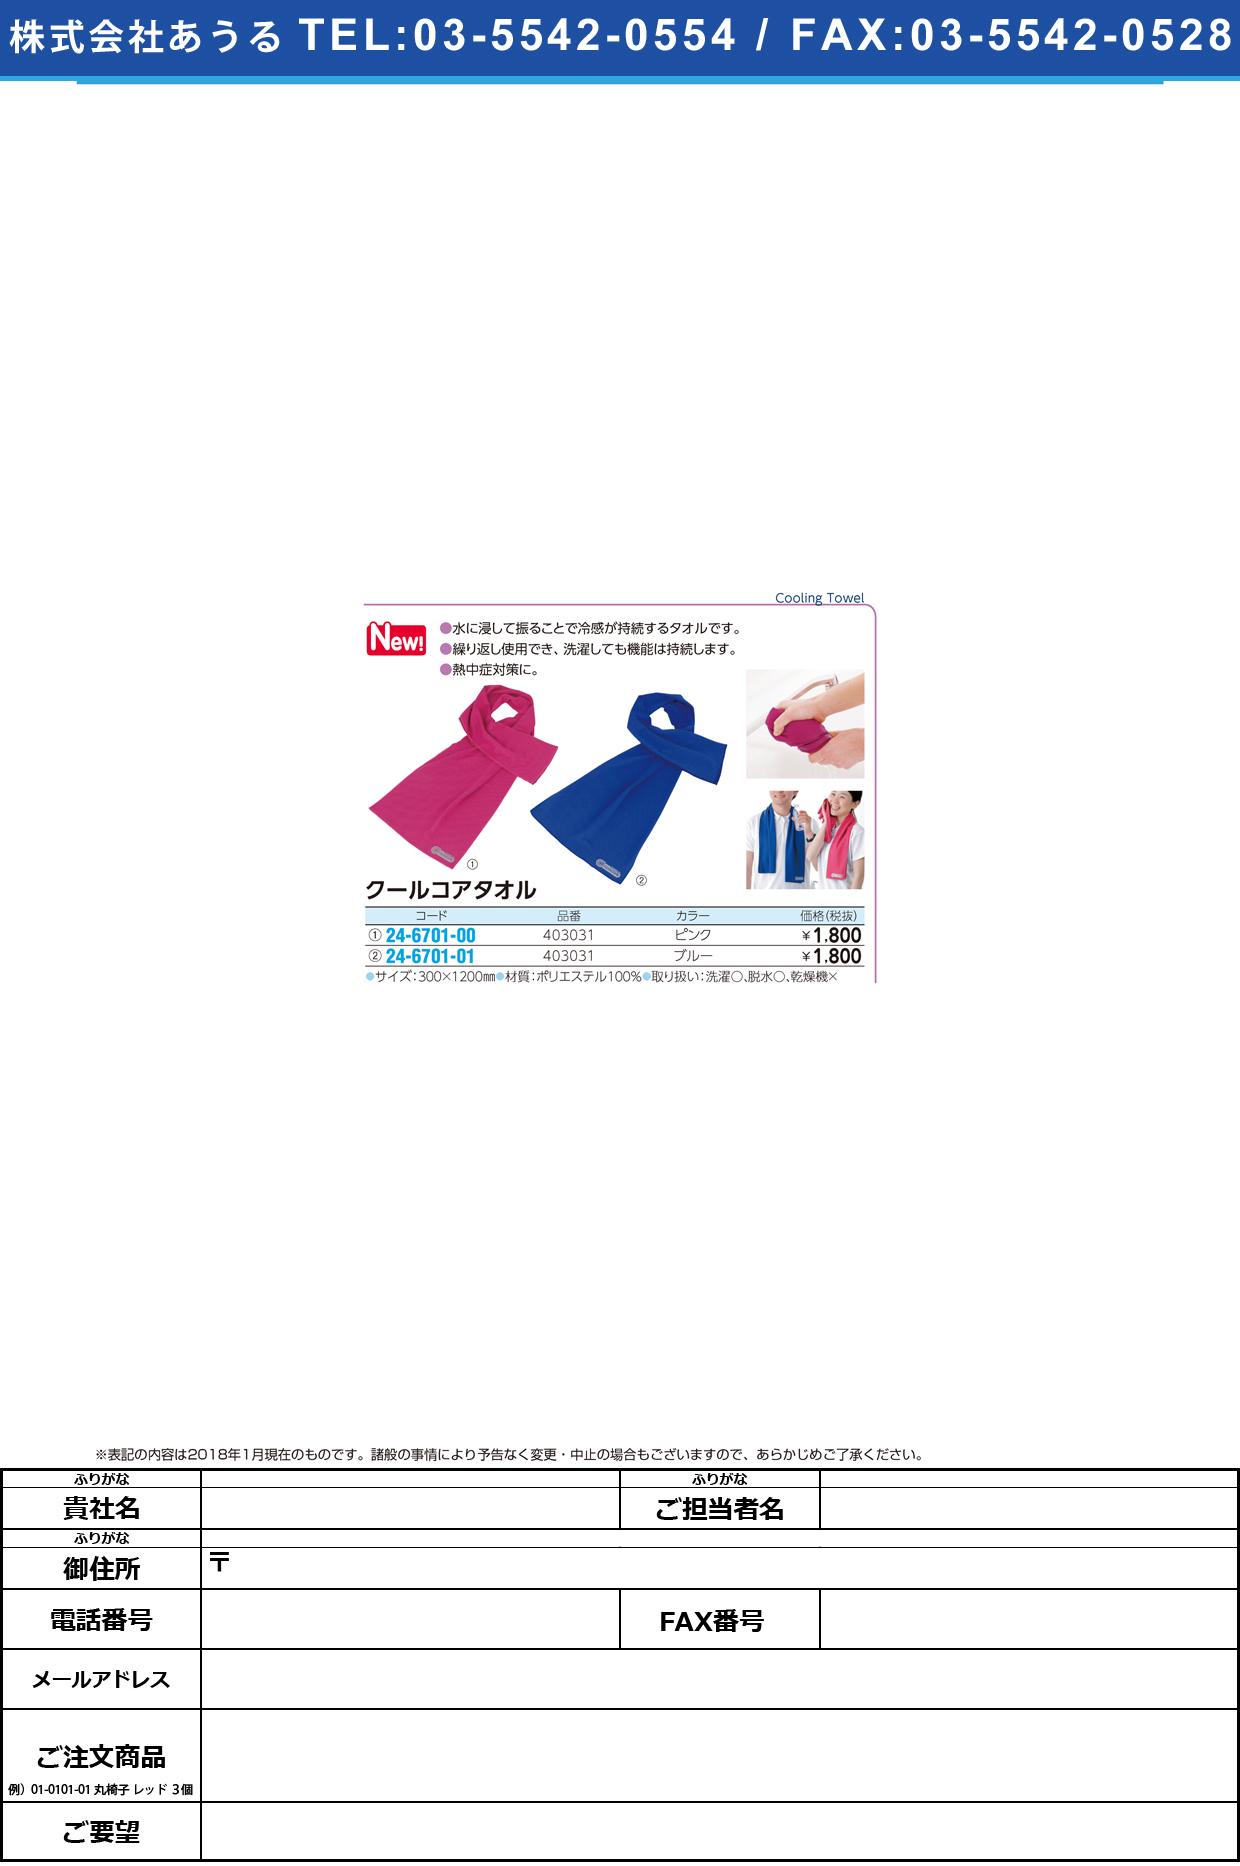 (24-6701-00)クールコアタオル 403031(ピンク) クールコアタオル(フットマーク)【1枚単位】【2018年カタログ商品】